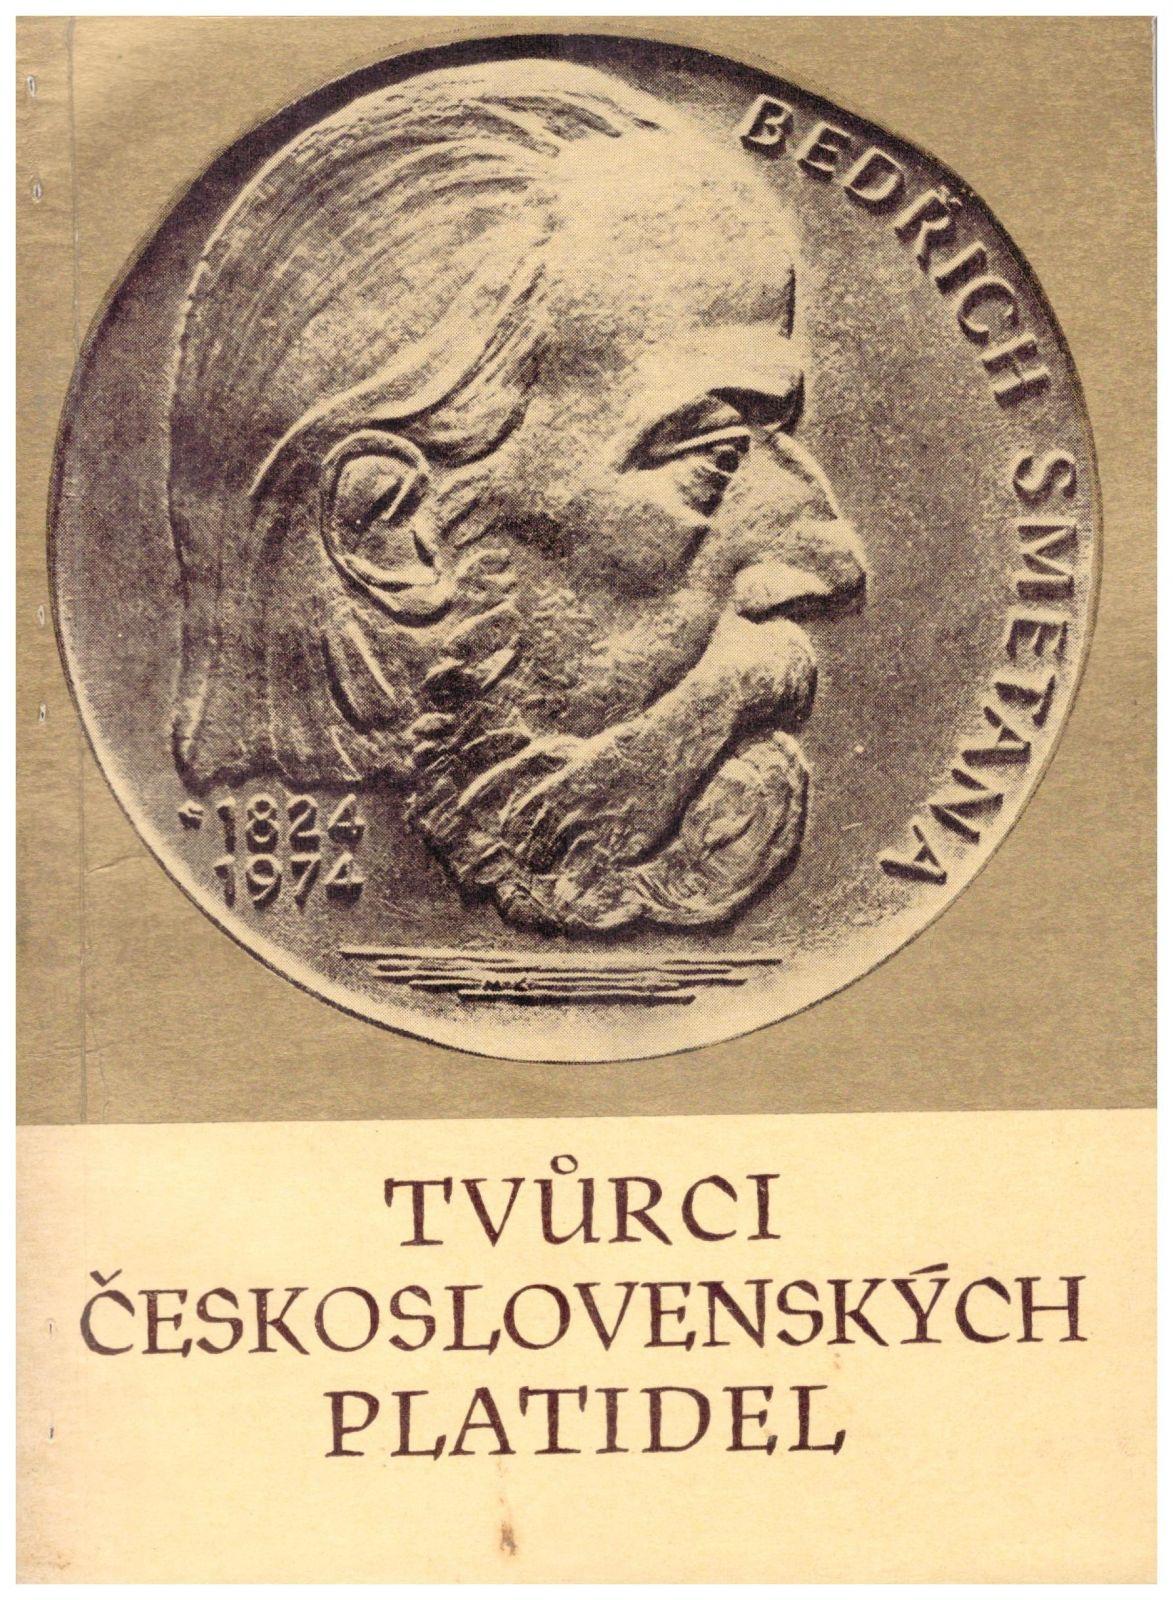 Tvůrci československých platidel (1980), I.Vápenka